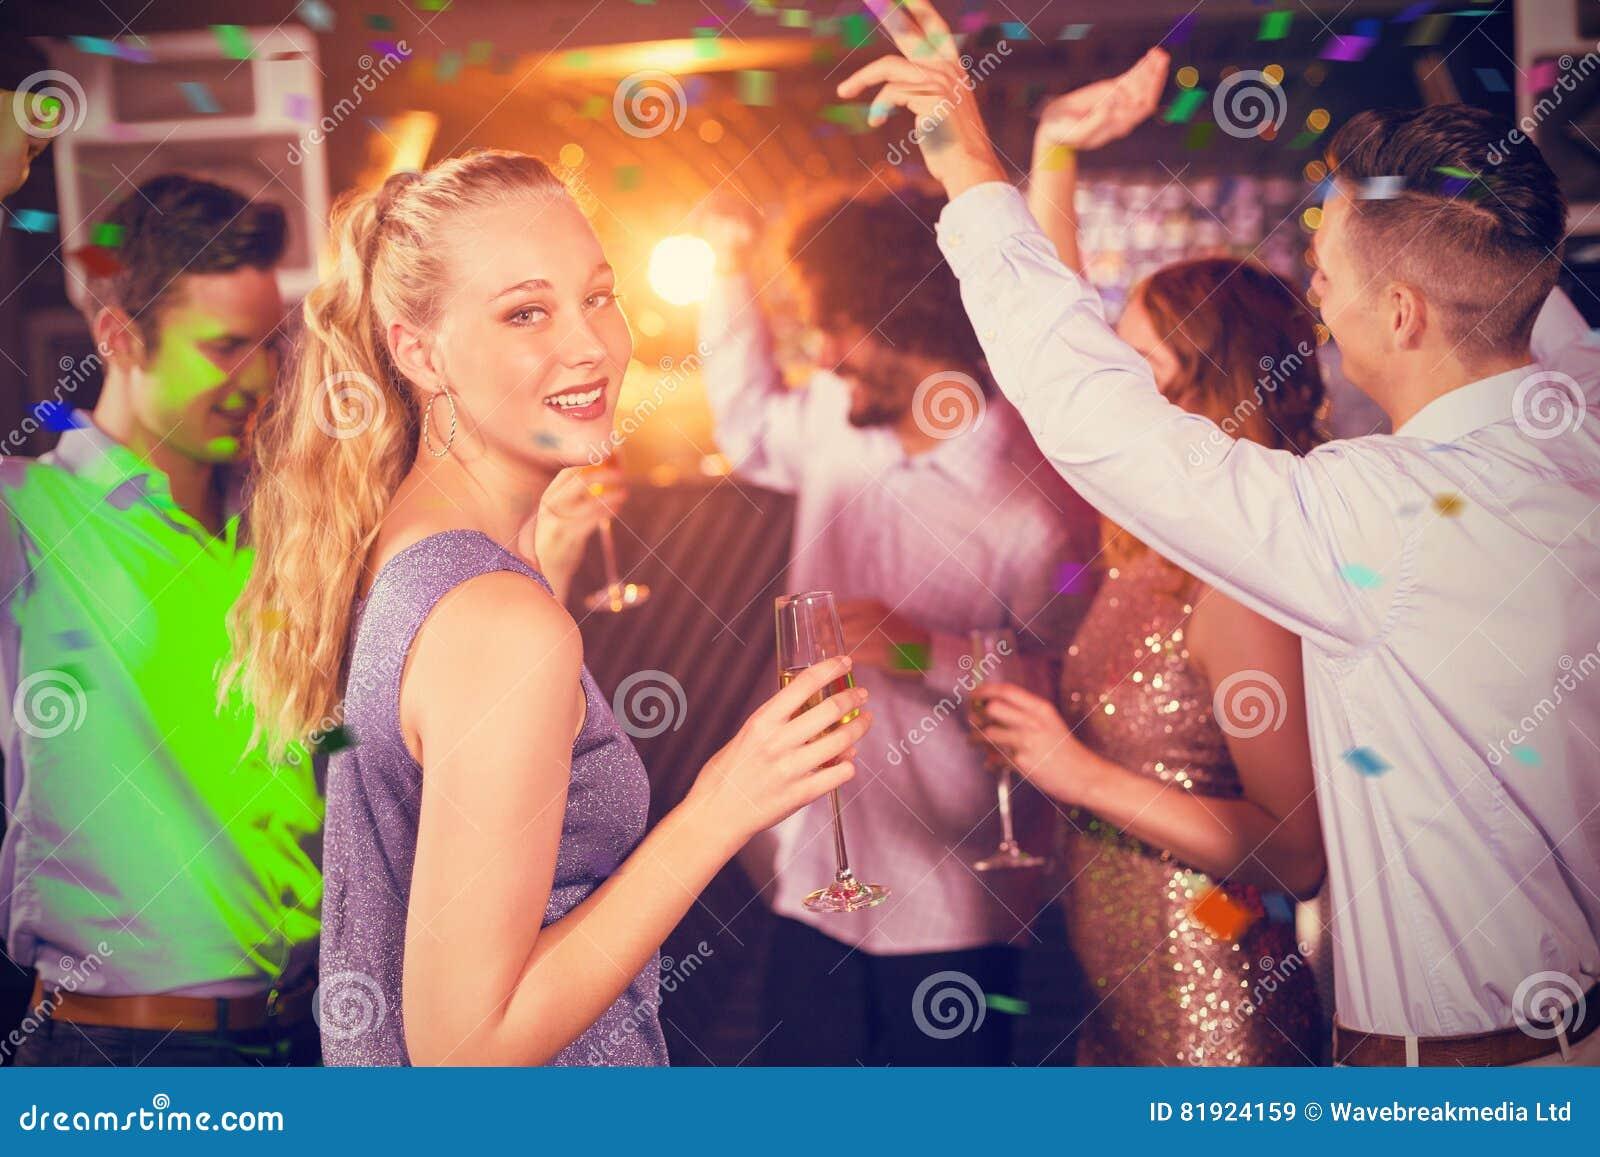 Immagine composita della donna che tiene vetro di champagne mentre ballando con gli amici